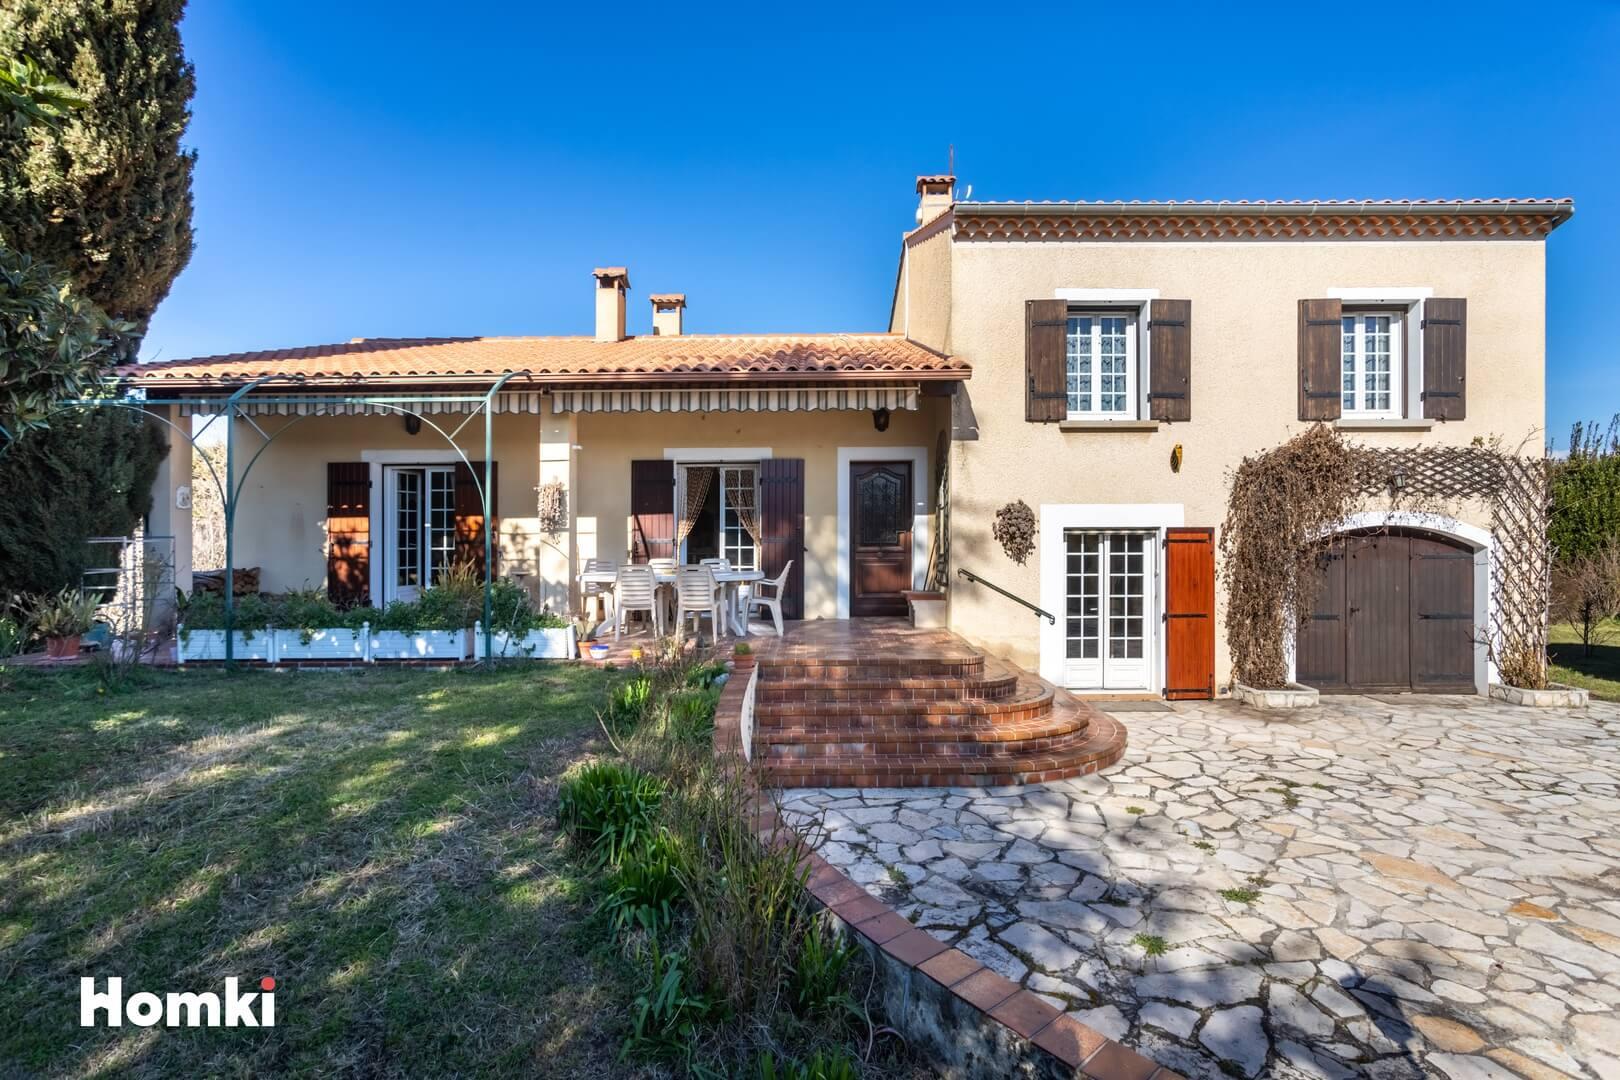 Homki - Vente Maison/villa  de 129.0 m² à Carpentras 84200